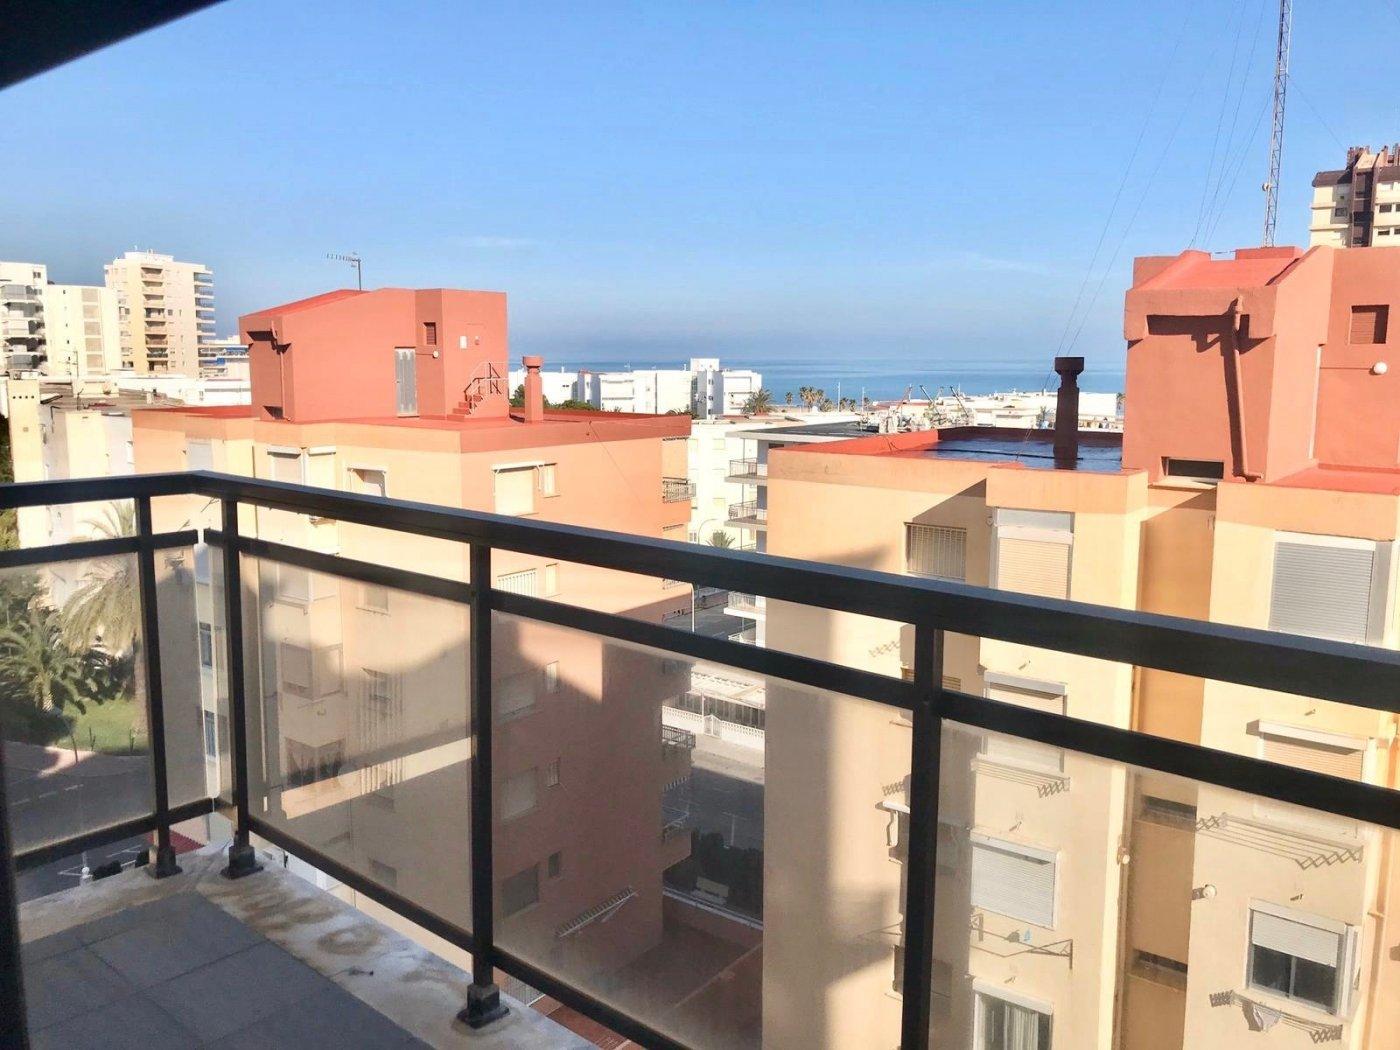 Apartamento en playa de gandia con piscina comunitaria y garaje incluido - imagenInmueble0